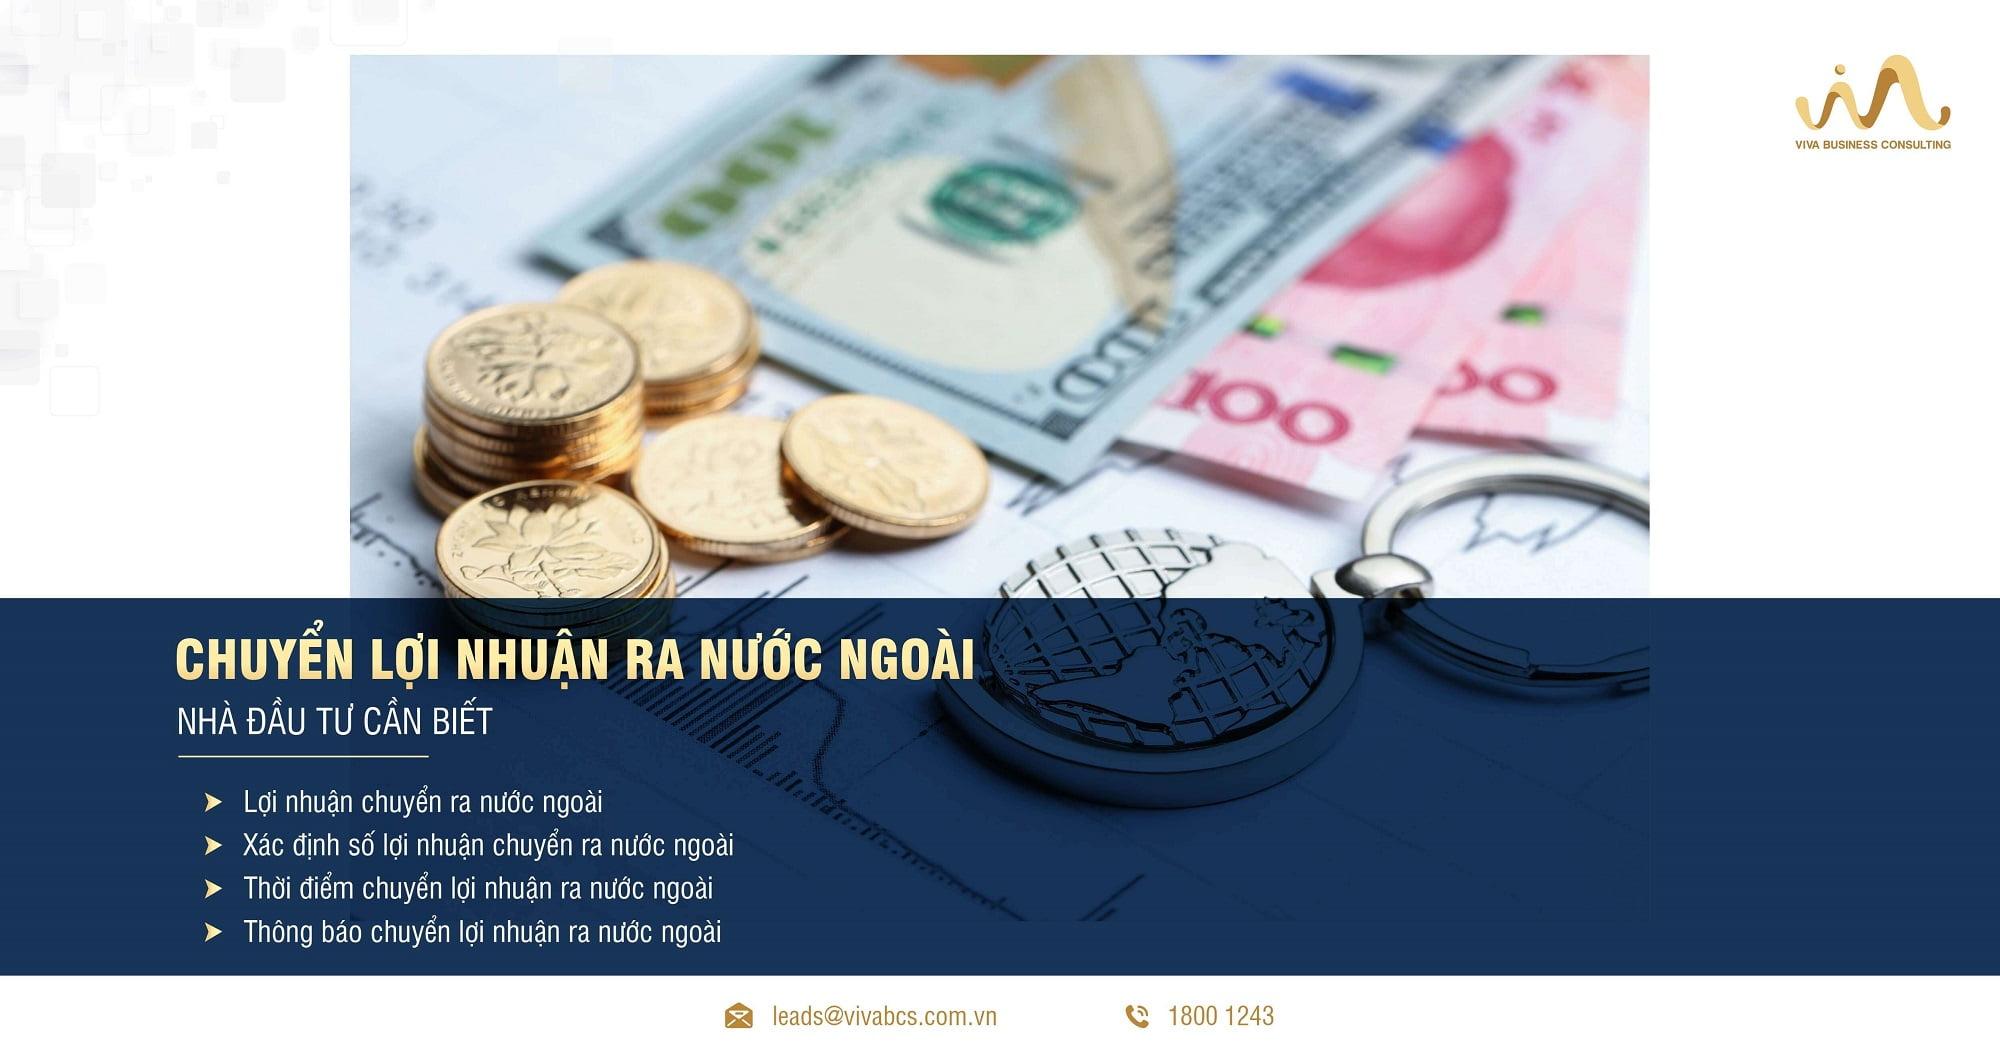 Chuyển lợi nhuận ra nước ngoài: Những điều cần biết !